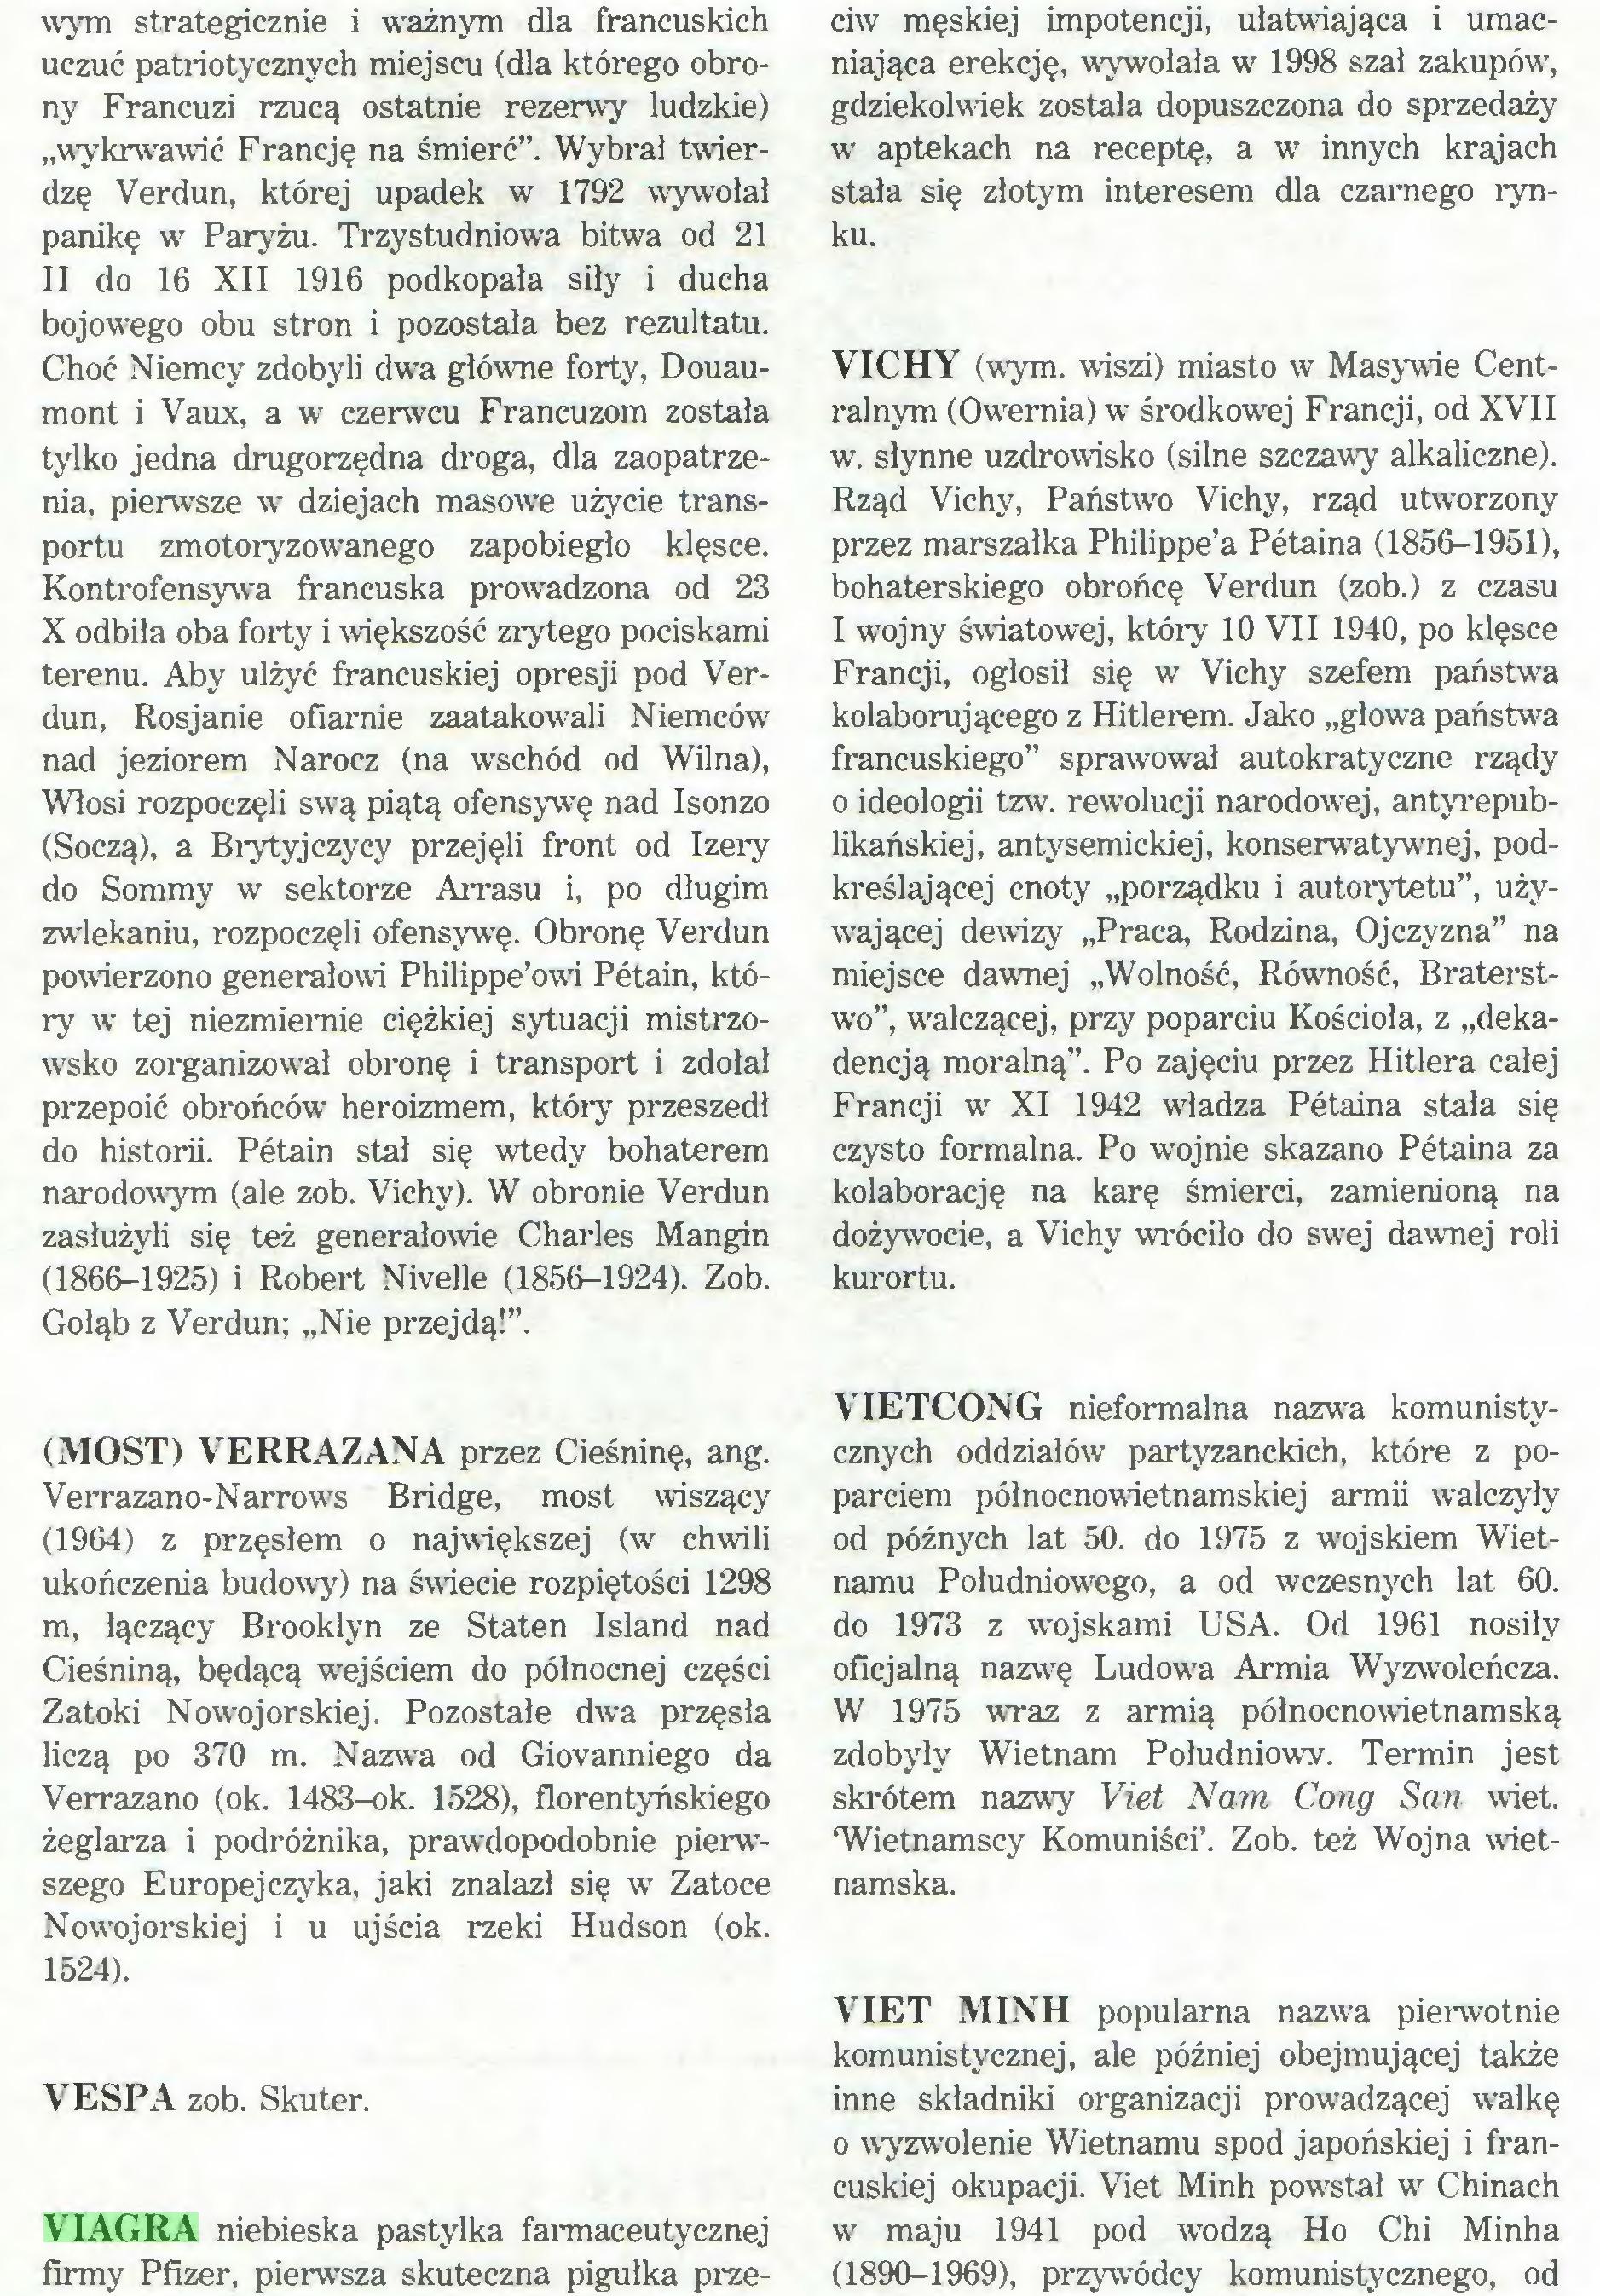 (...) VIAGRA niebieska pastylka farmaceutycznej firmy Pfizer, pierwsza skuteczna pigułka prze¬ ciw męskiej impotencji, ułatwiająca i umacniająca erekcję, wywołała w 1998 szal zakupów, gdziekolwiek została dopuszczona do sprzedaży w aptekach na receptę, a w innych krajach stała się złotym interesem dla czarnego rynku...